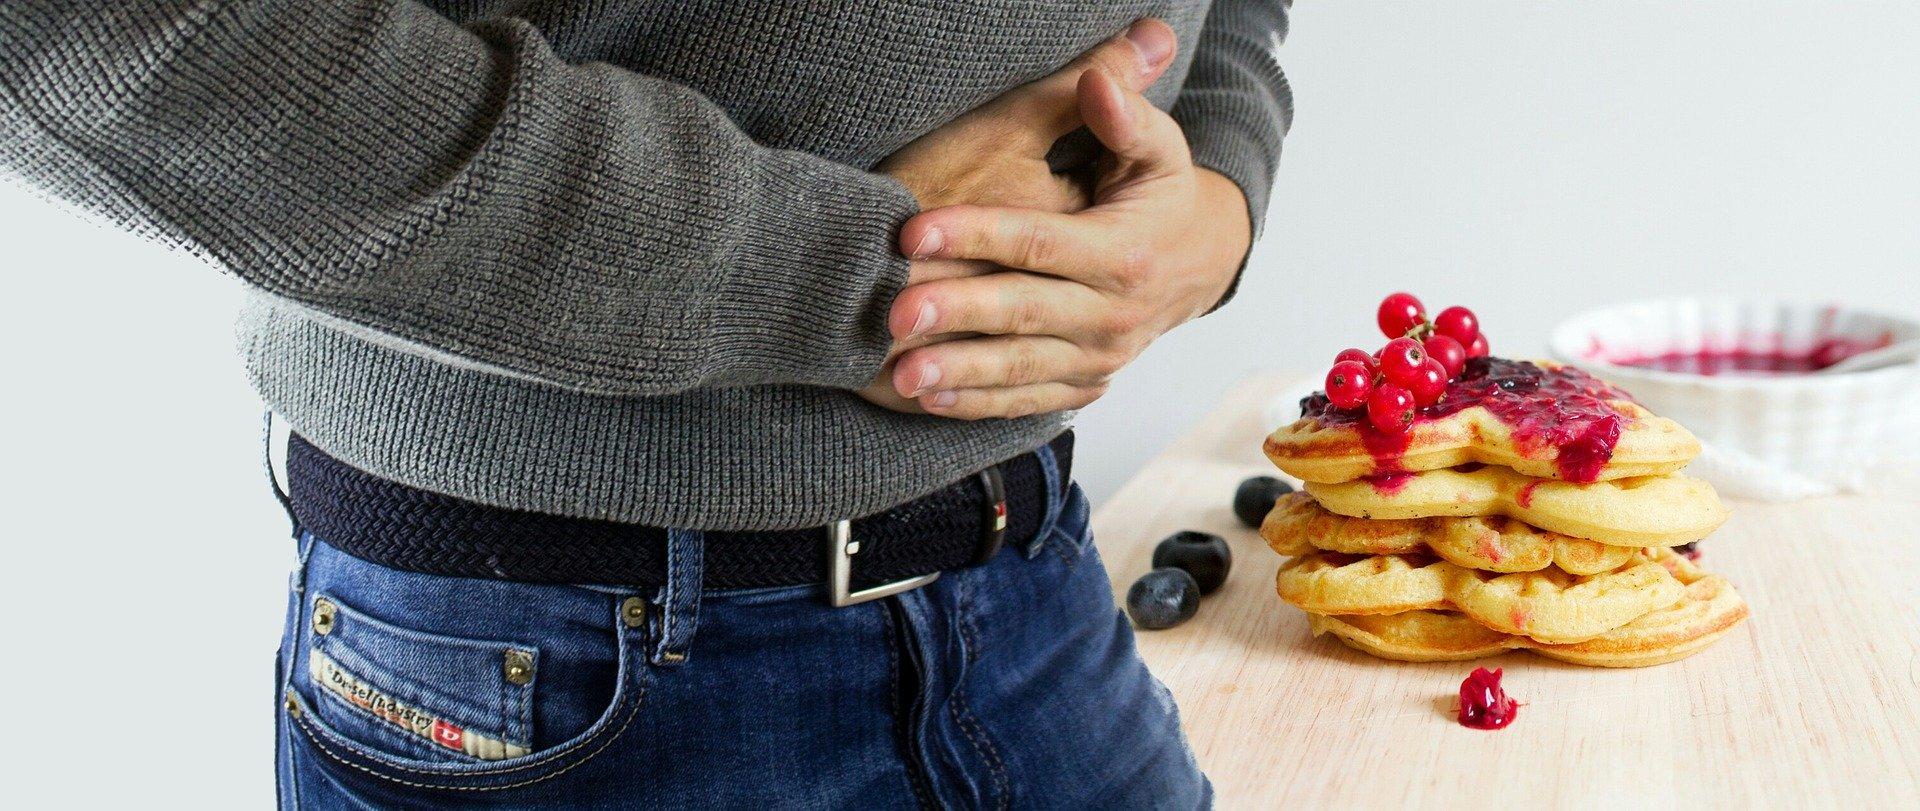 リーキーガット症候群と食事療法